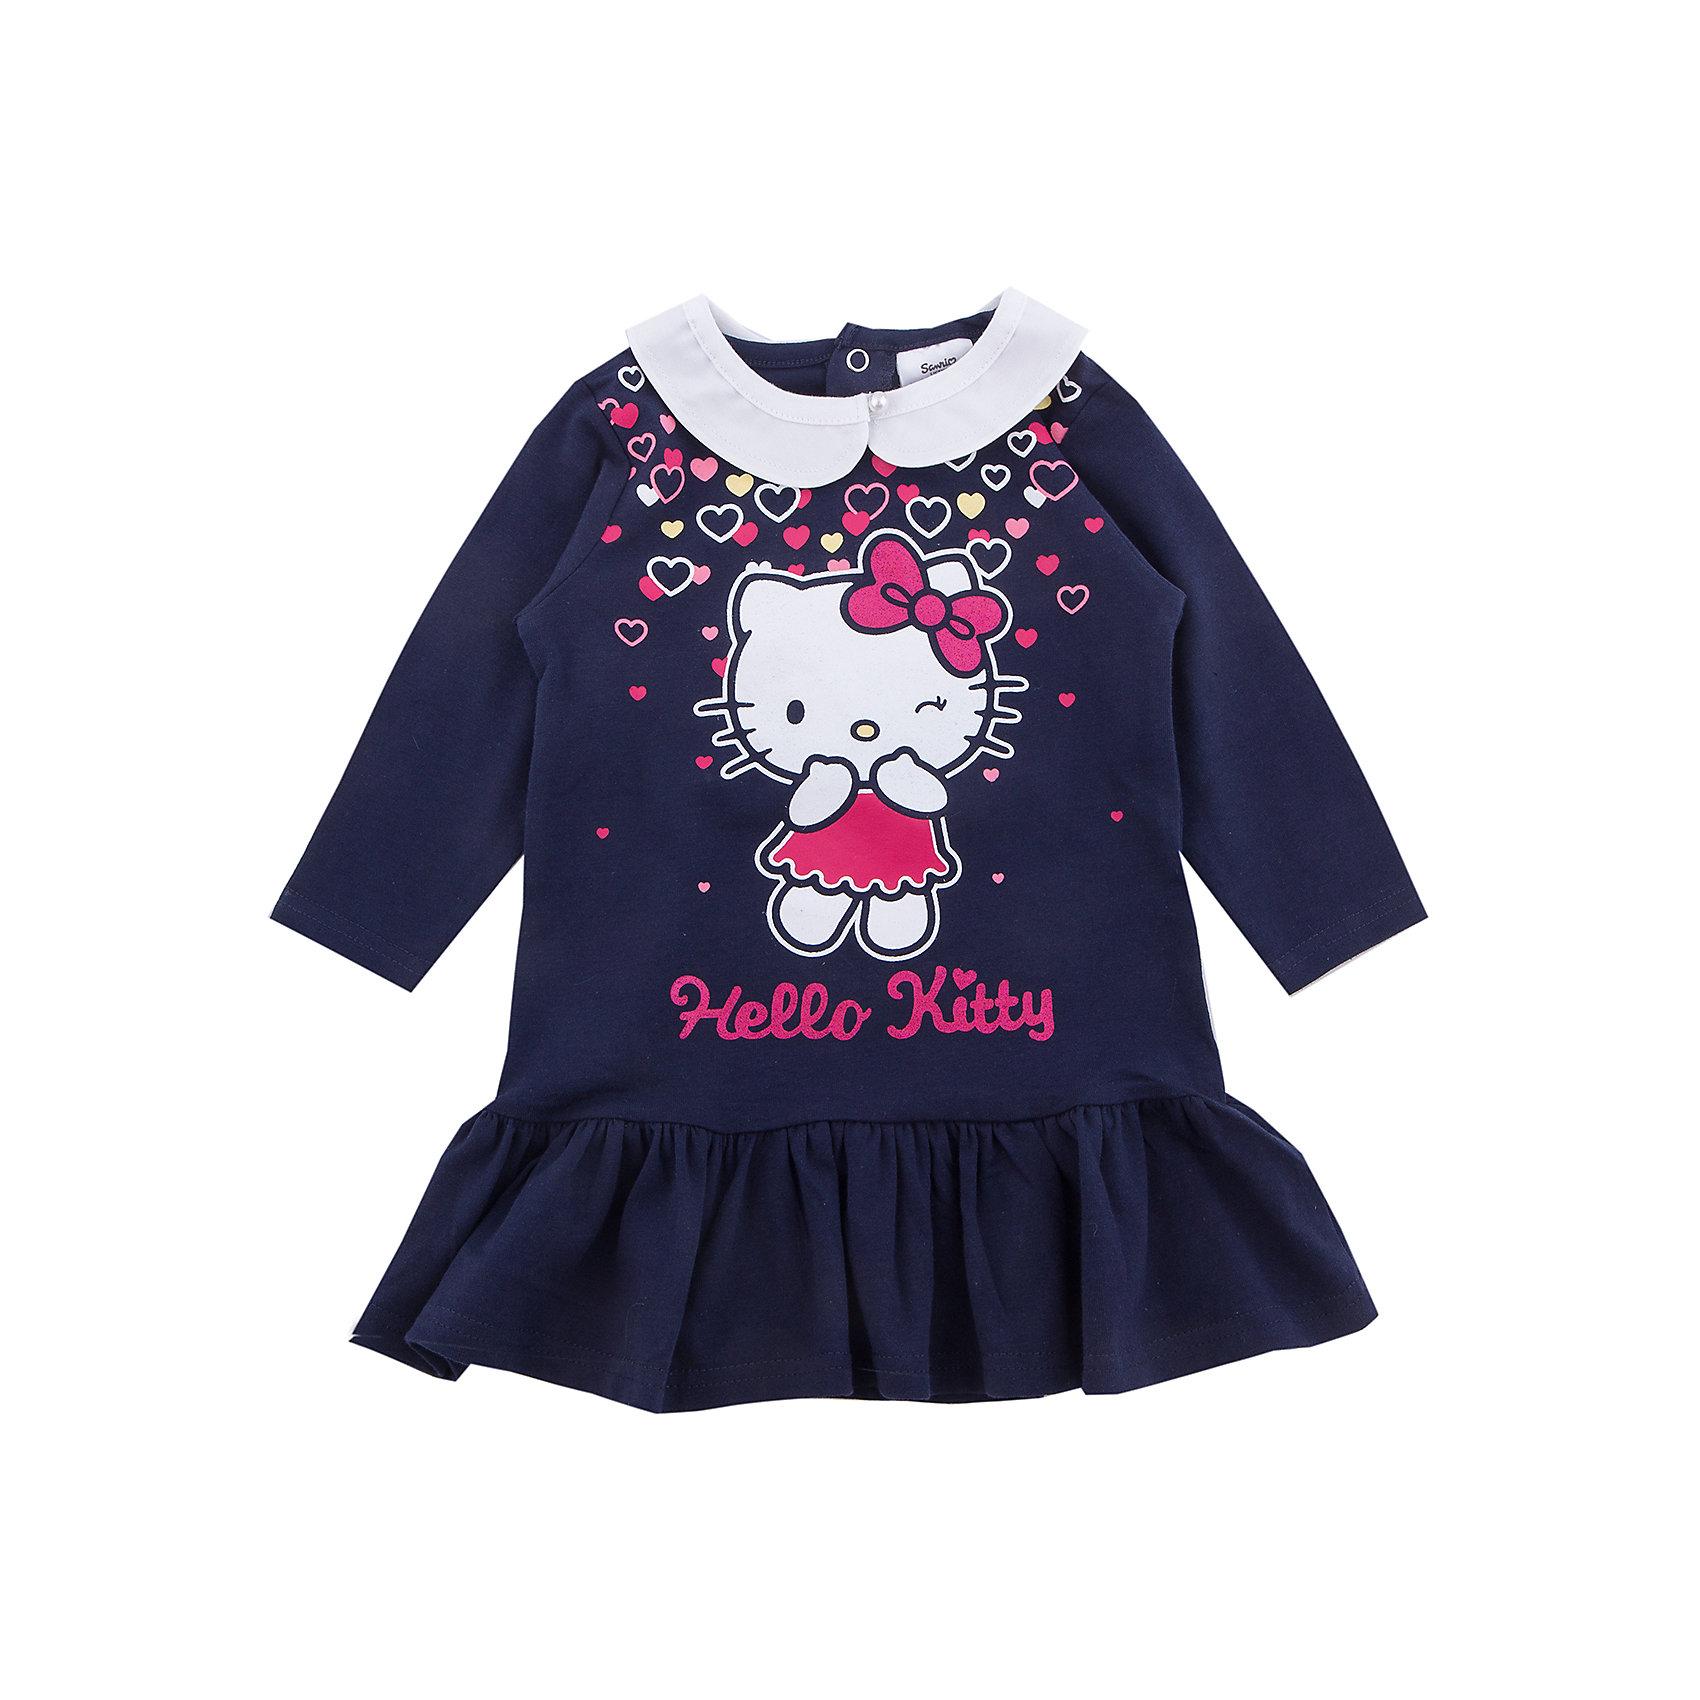 Платье PlayToday для девочкиПлатья<br>Платье PlayToday для девочки<br>Платье с длинным рукавом дополнит повседневный гардероб ребенка. Модель с белоснежным воротником на пуговицах, при необходимости его можно отстегнуть. На спинке расположены удобные застежки - кнопки. Платье декорировано ярким лицензированным принтом и широкой оборкой по низу.<br>Состав:<br>95% хлопок, 5% эластан<br><br>Ширина мм: 236<br>Глубина мм: 16<br>Высота мм: 184<br>Вес г: 177<br>Цвет: белый<br>Возраст от месяцев: 18<br>Возраст до месяцев: 24<br>Пол: Женский<br>Возраст: Детский<br>Размер: 92,74,80,86<br>SKU: 7107791